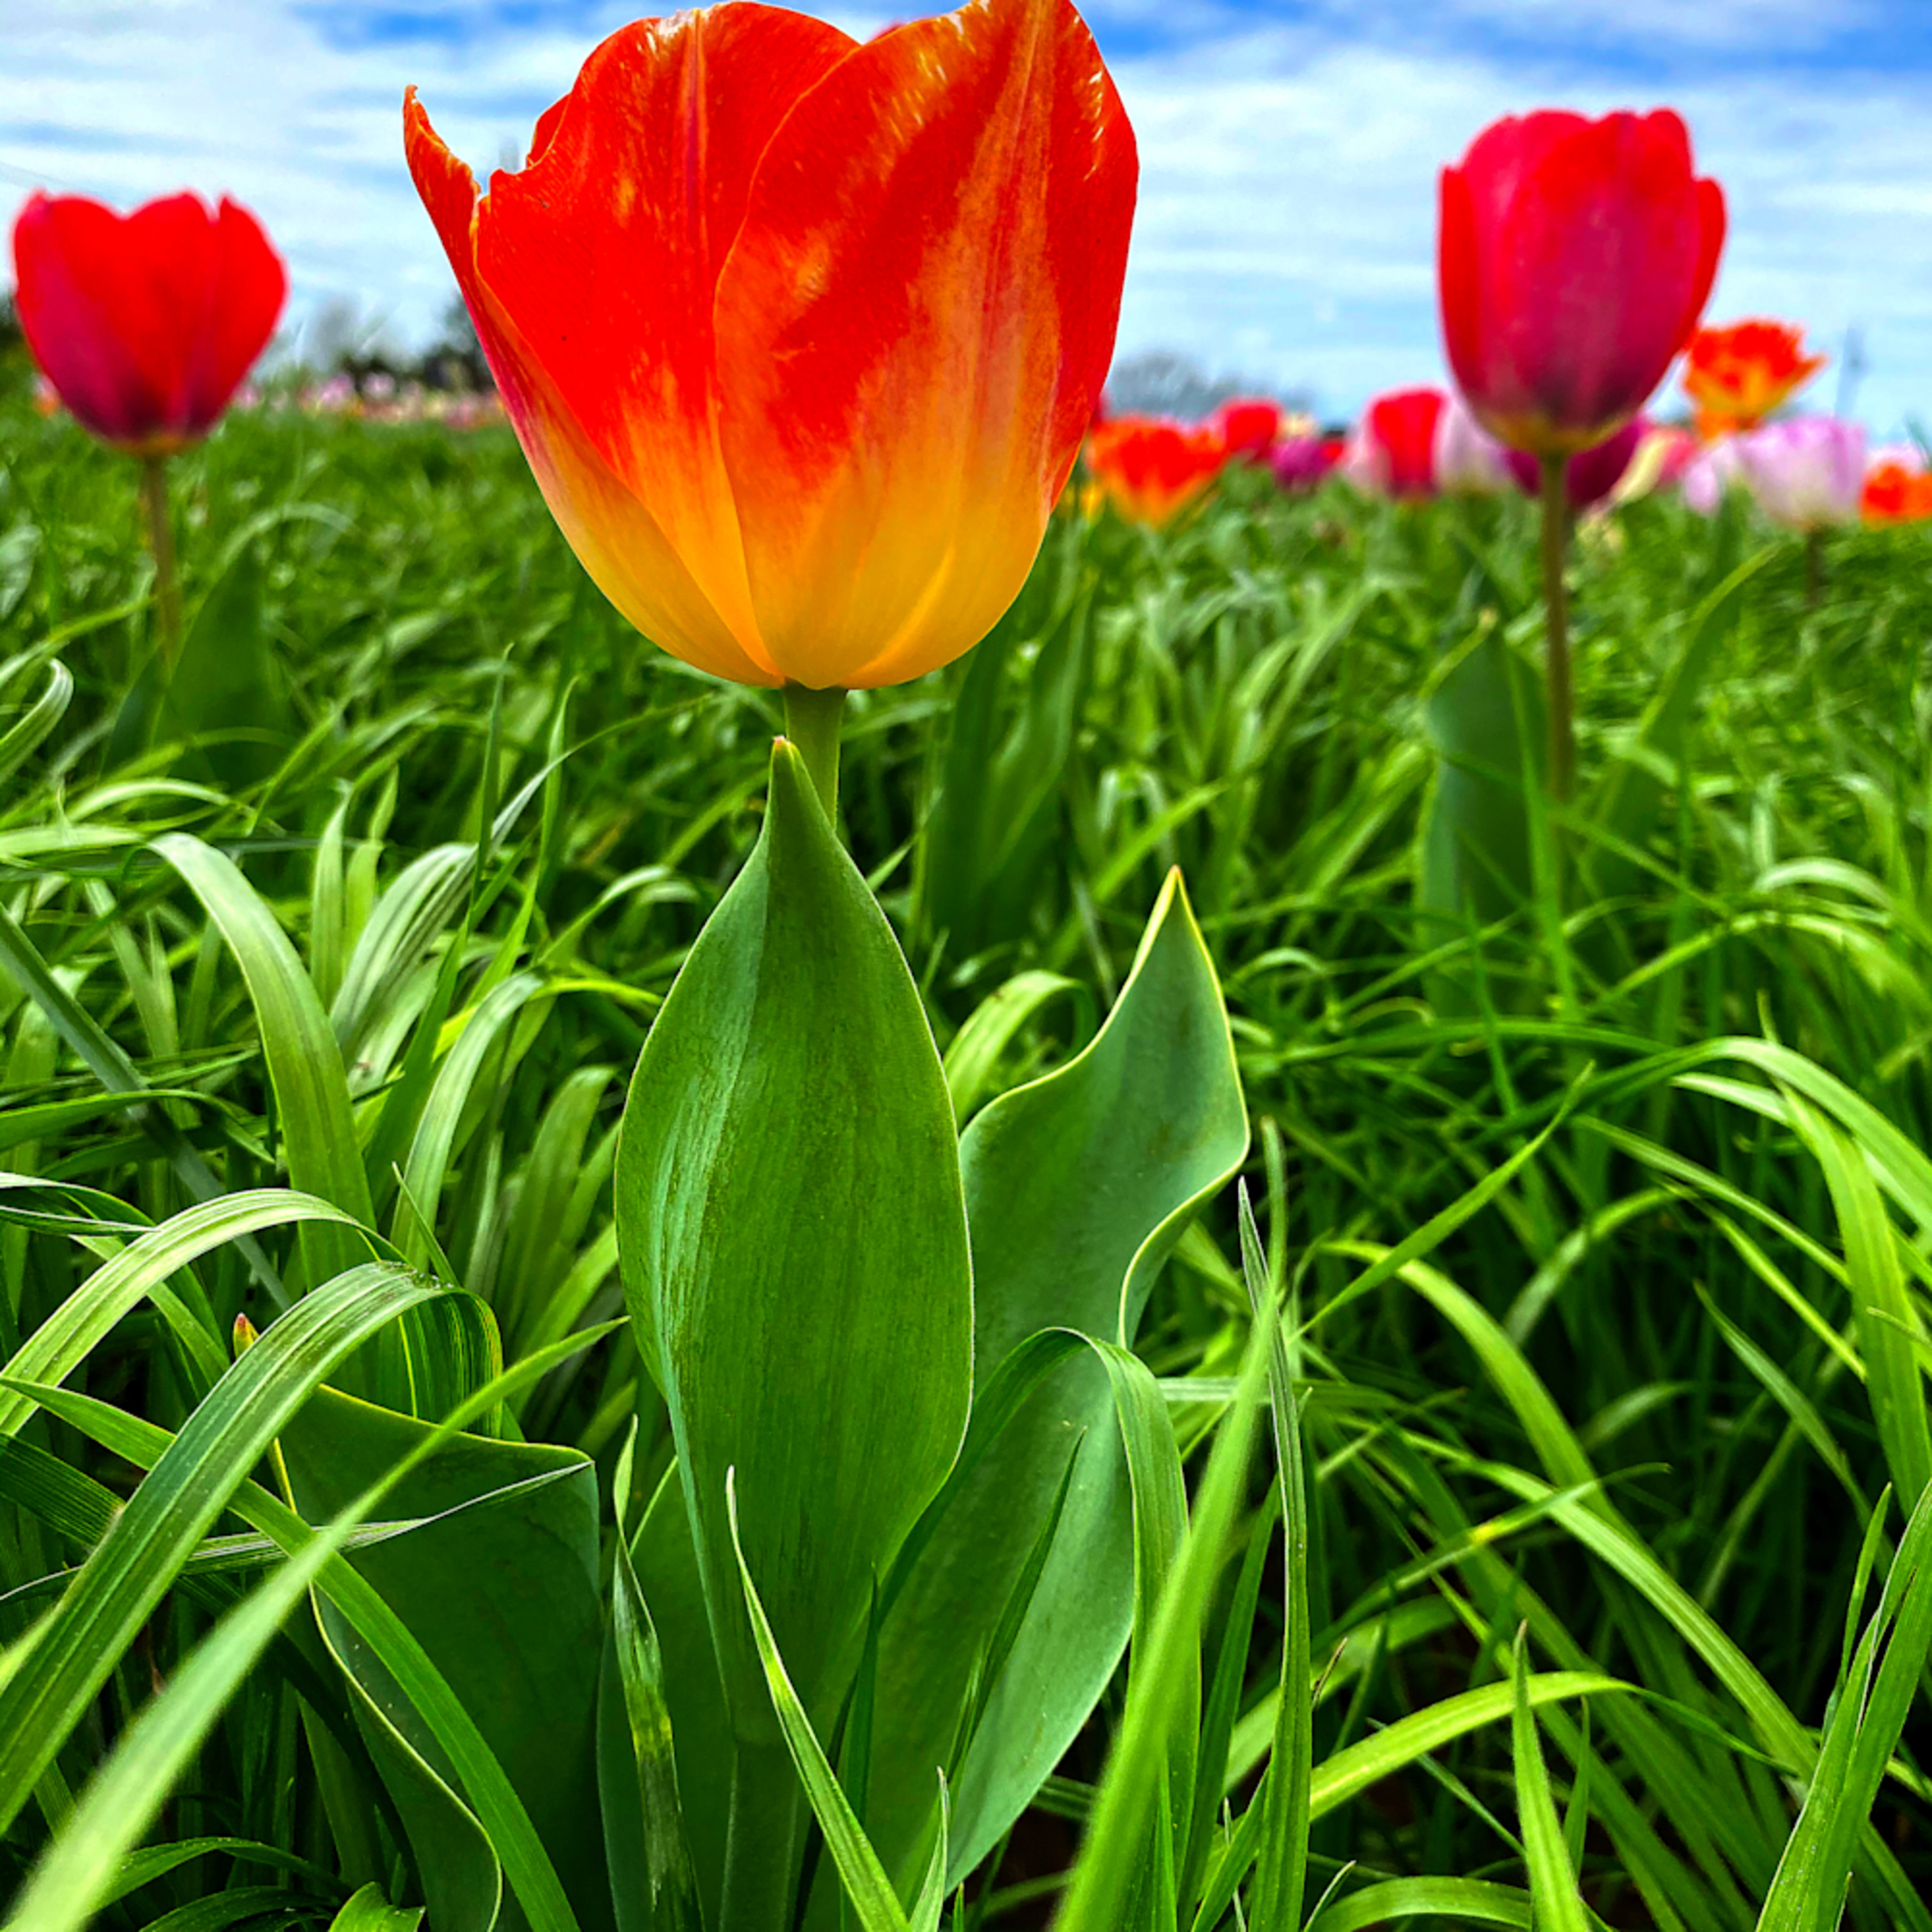 Tulip 2 oedvk6